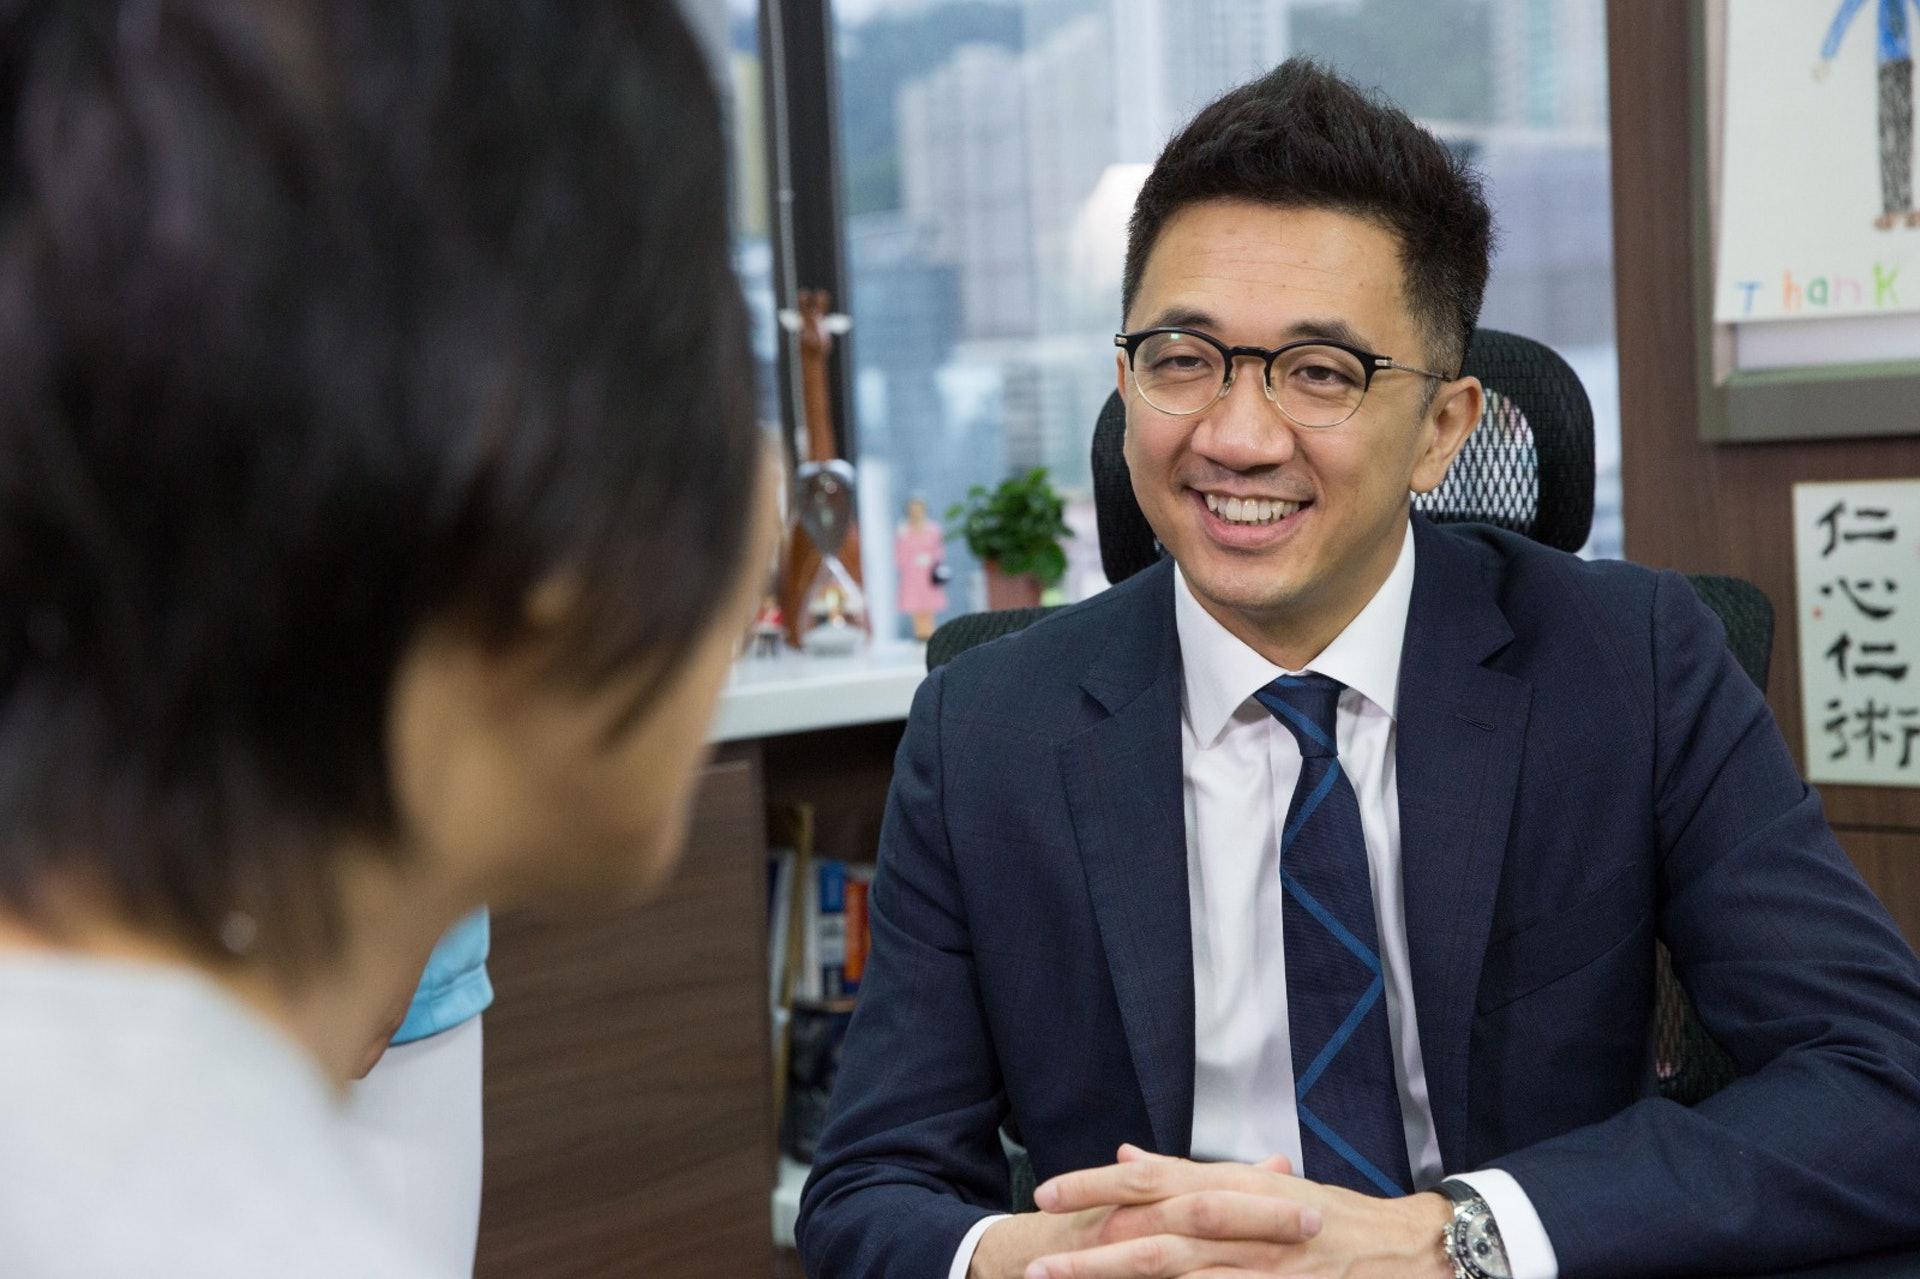 耳鼻喉科專科醫生陳鍵明。(撰稿人授權提供)